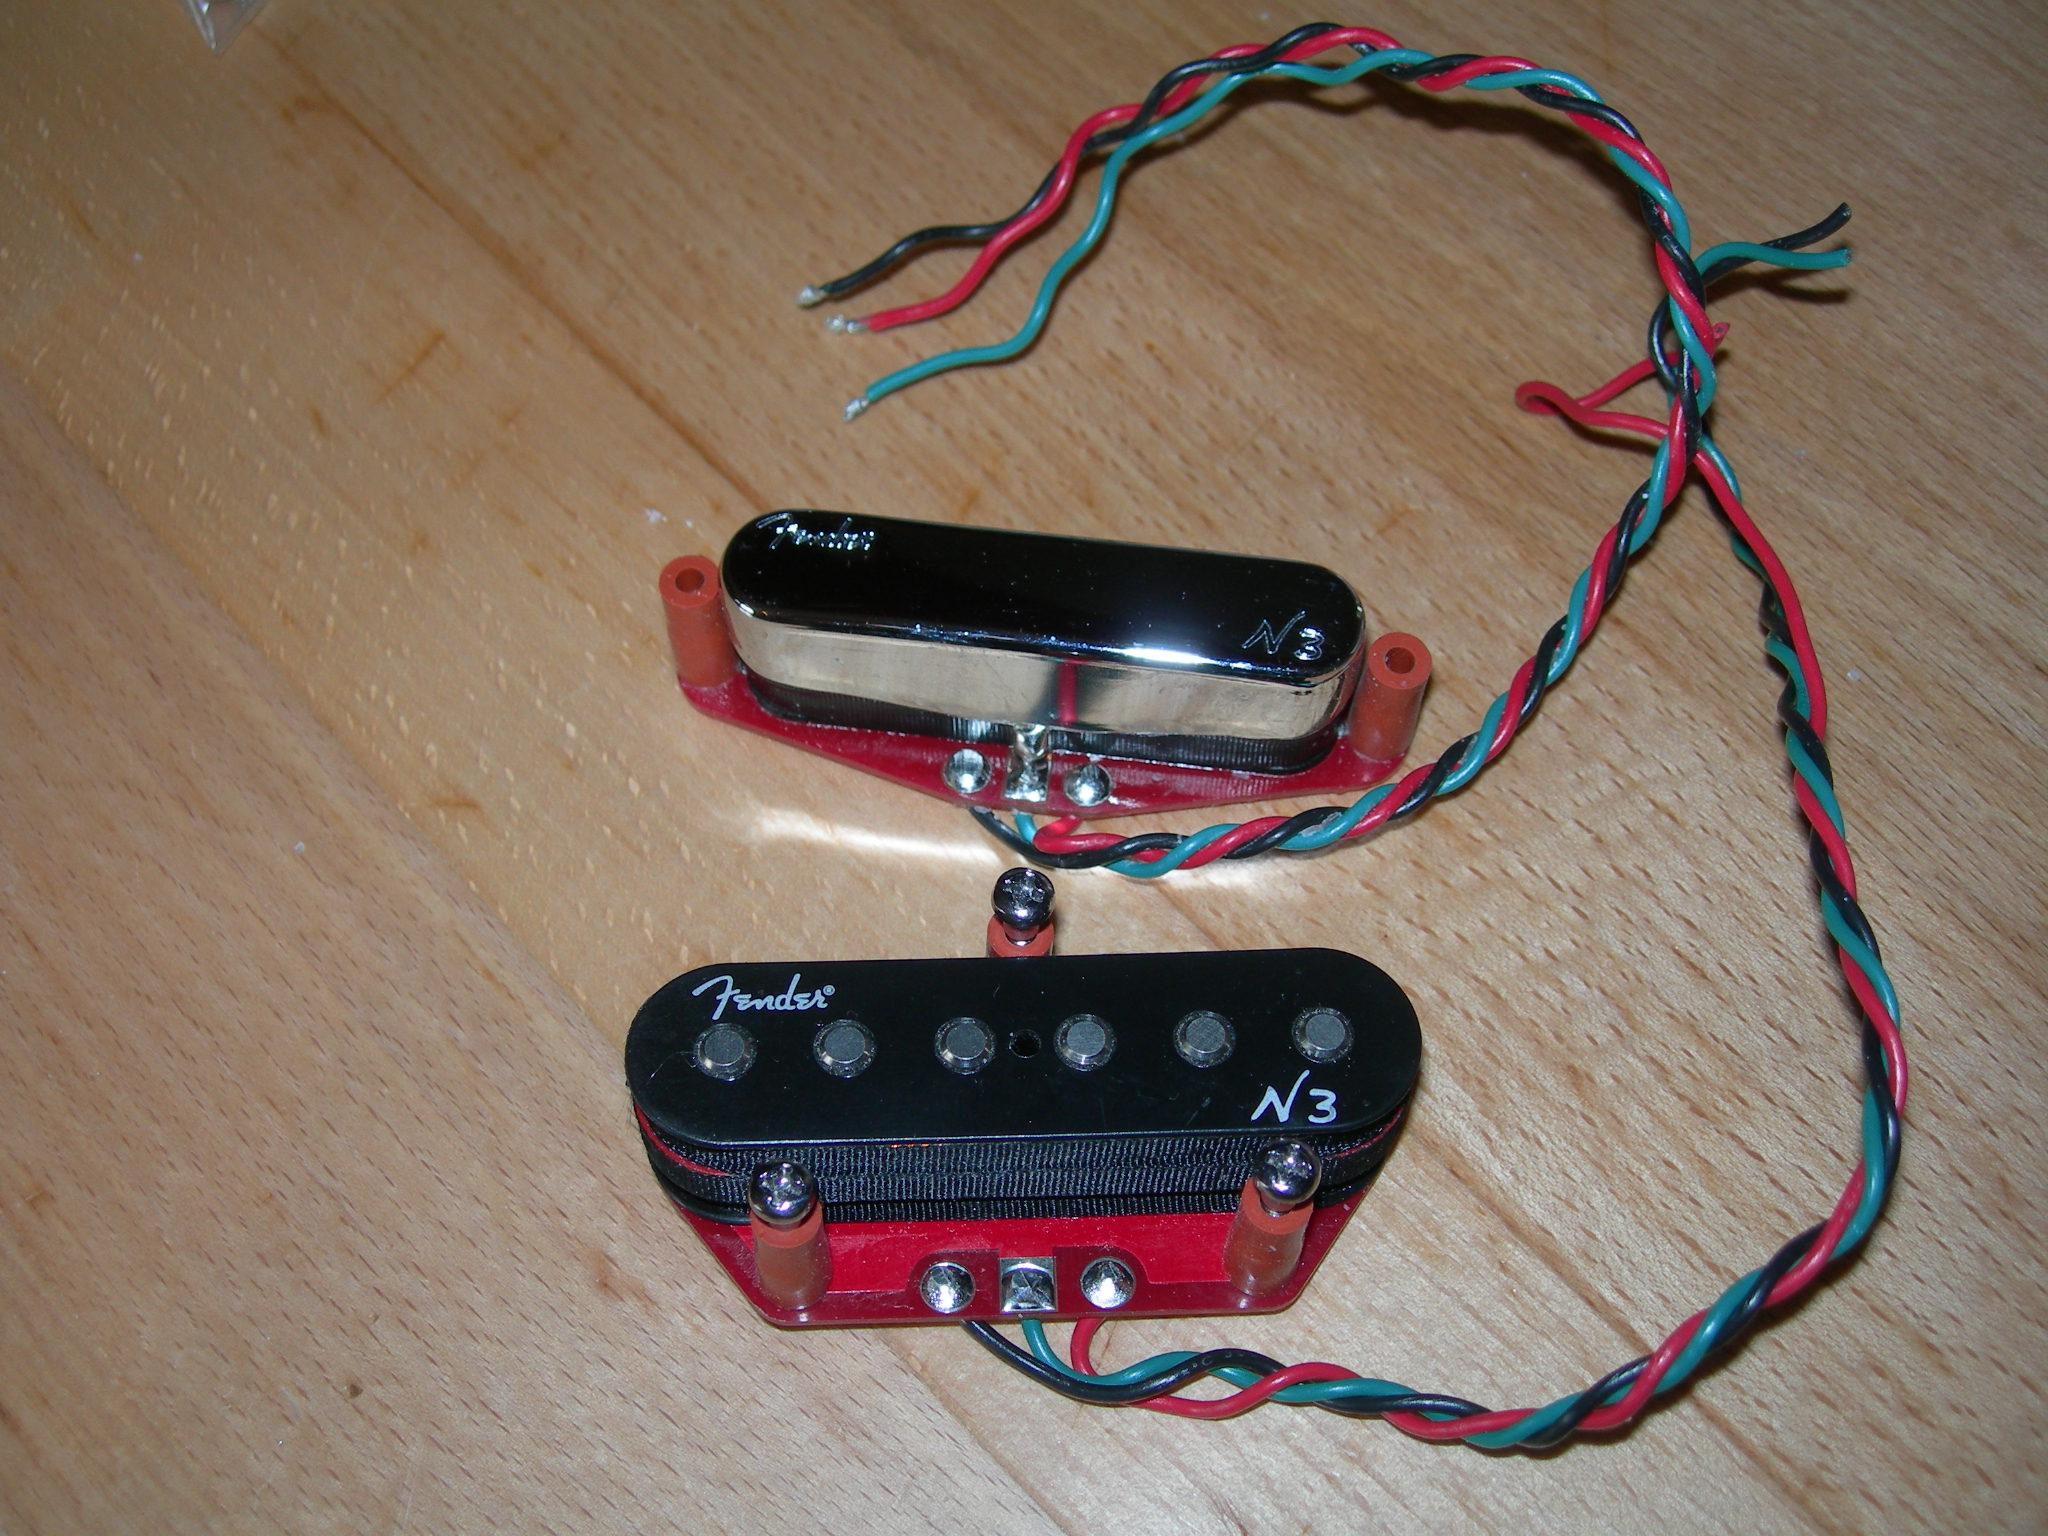 Fender N3 Noiseless Pickups Wiring Diagram - Merzie.net